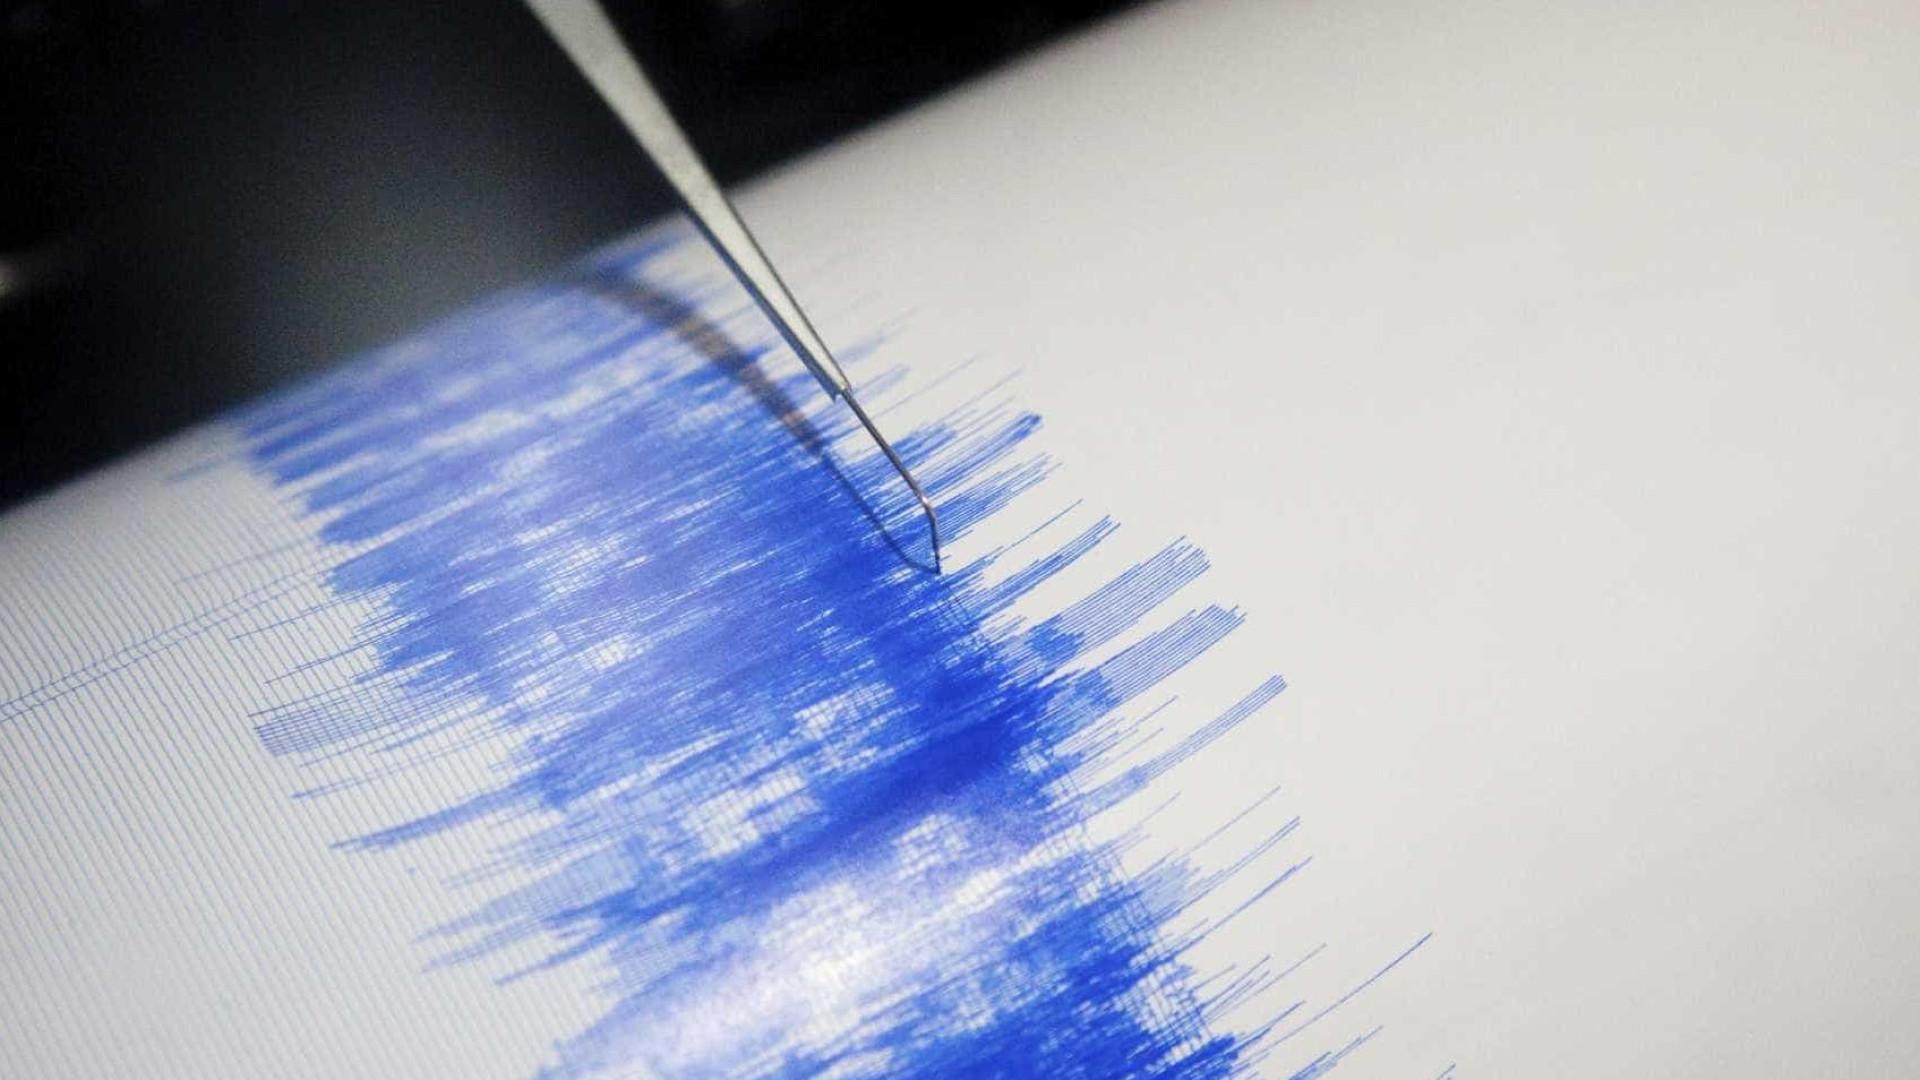 Sismo de magnitude 6.1 abala Irão